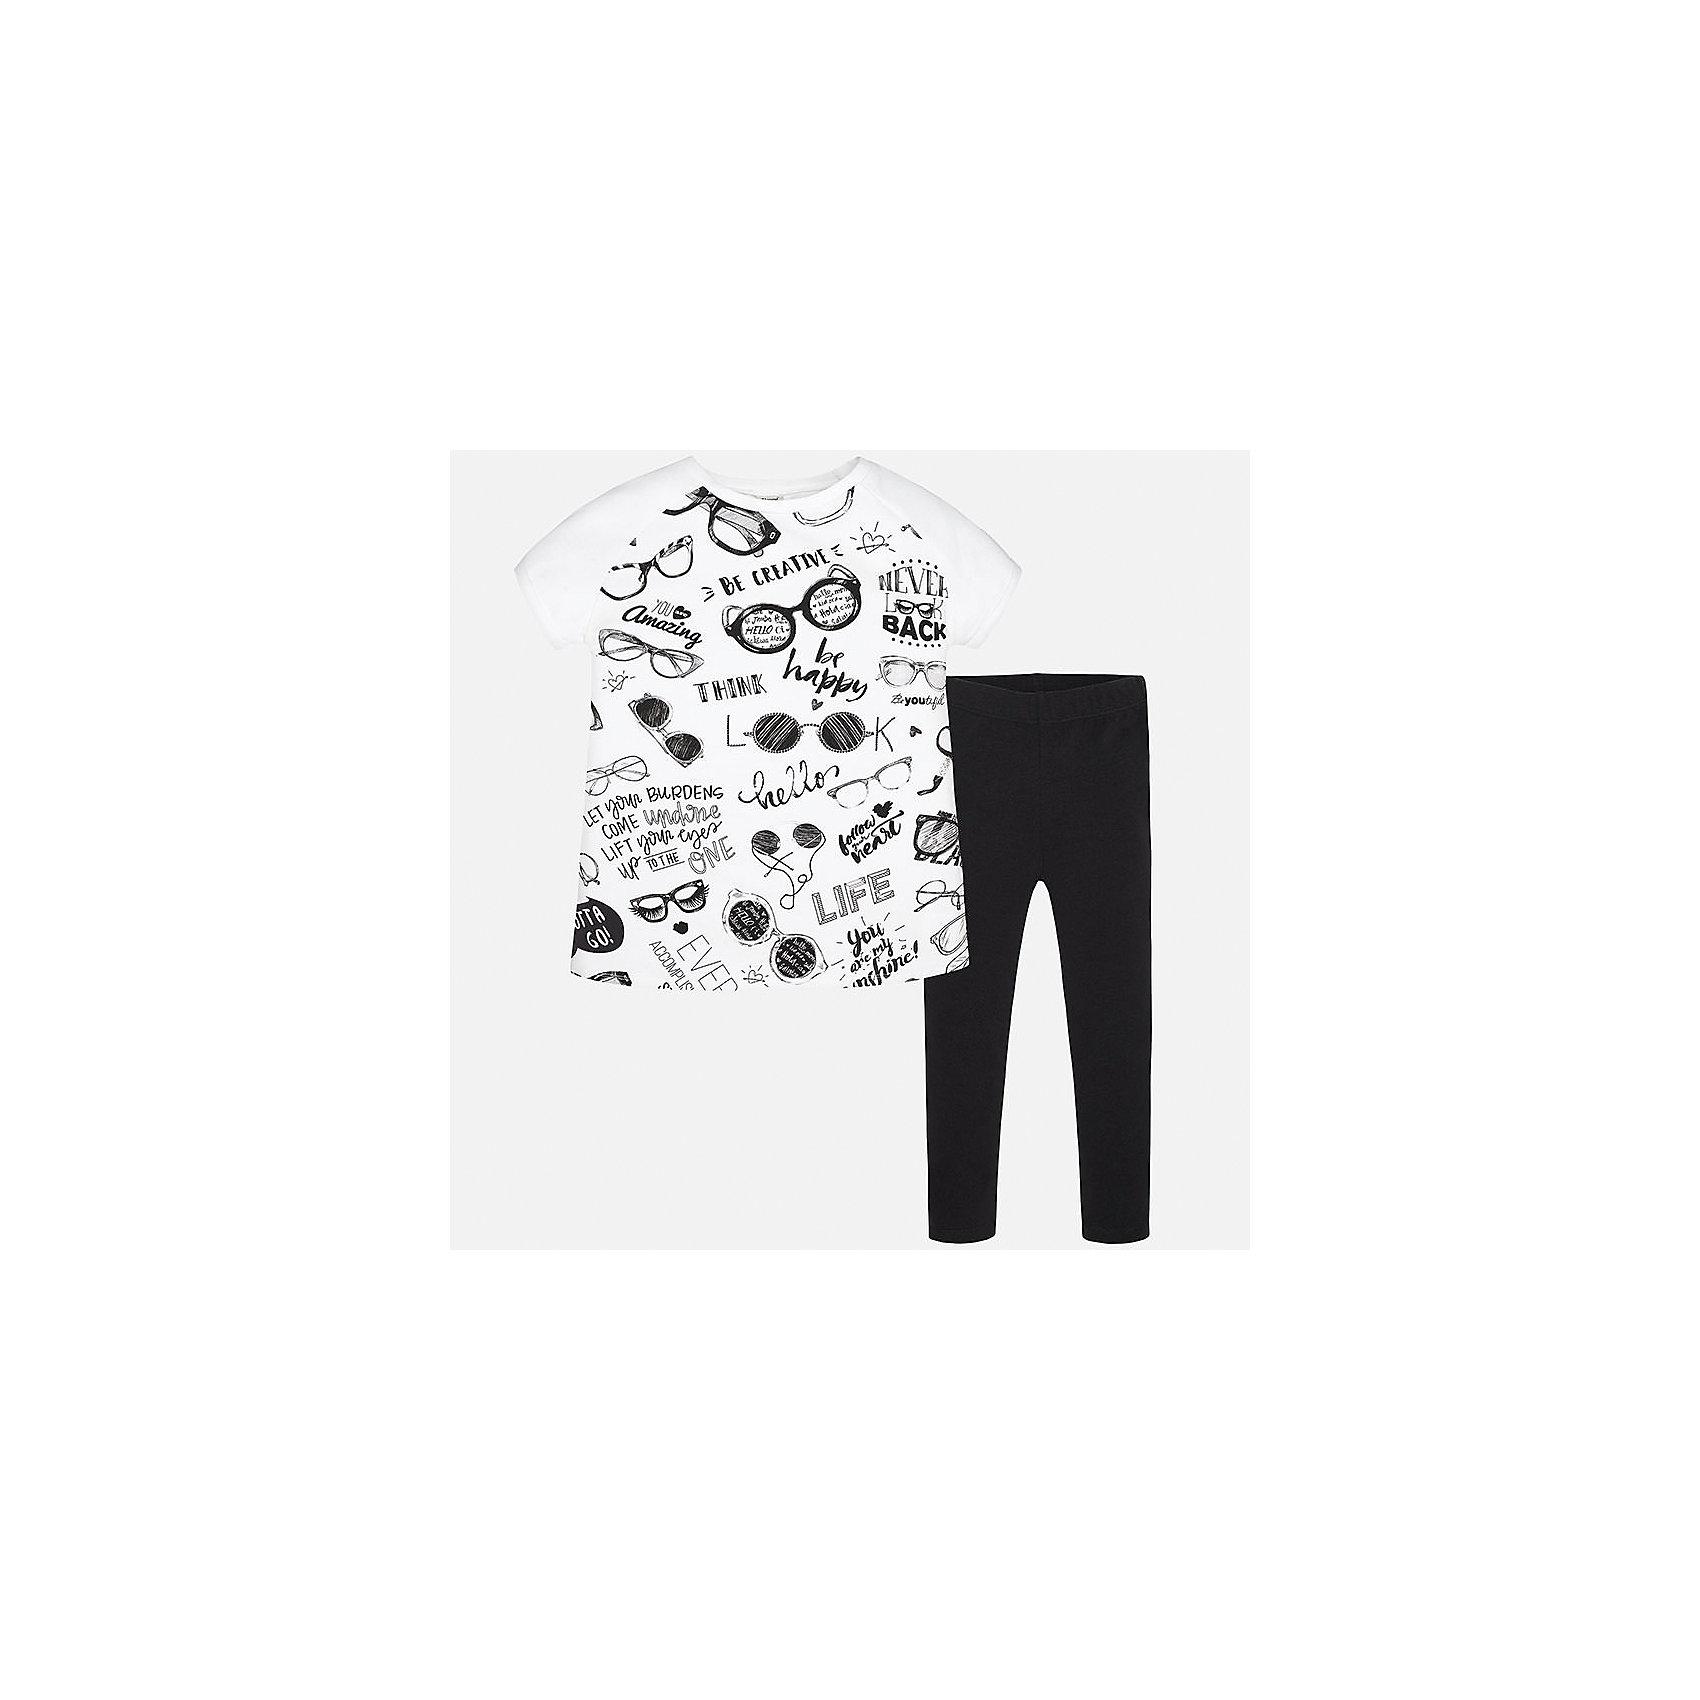 Комплект: футболка и леггинсы для девочки MayoralКомплекты<br>Характеристики товара:<br><br>• цвет: белый/черный<br>• состав: 92% хлопок, 8% эластан<br>• комплектация: футболка, леггинсы<br>• футболка декорирована принтом<br>• леггинсы однотонные<br>• пояс на резинке<br>• страна бренда: Испания<br><br>Красивый качественный комплект для девочки поможет разнообразить гардероб ребенка и удобно одеться в теплую погоду. Он отлично сочетается с другими предметами. Универсальный цвет позволяет подобрать к вещам верхнюю одежду практически любой расцветки. Интересная отделка модели делает её нарядной и оригинальной. В составе материала - натуральный хлопок, гипоаллергенный, приятный на ощупь, дышащий.<br><br>Одежда, обувь и аксессуары от испанского бренда Mayoral полюбились детям и взрослым по всему миру. Модели этой марки - стильные и удобные. Для их производства используются только безопасные, качественные материалы и фурнитура. Порадуйте ребенка модными и красивыми вещами от Mayoral! <br><br>Комплект для девочки от испанского бренда Mayoral (Майорал) можно купить в нашем интернет-магазине.<br><br>Ширина мм: 123<br>Глубина мм: 10<br>Высота мм: 149<br>Вес г: 209<br>Цвет: черный<br>Возраст от месяцев: 156<br>Возраст до месяцев: 168<br>Пол: Женский<br>Возраст: Детский<br>Размер: 164,128/134,140,152,158<br>SKU: 5293054